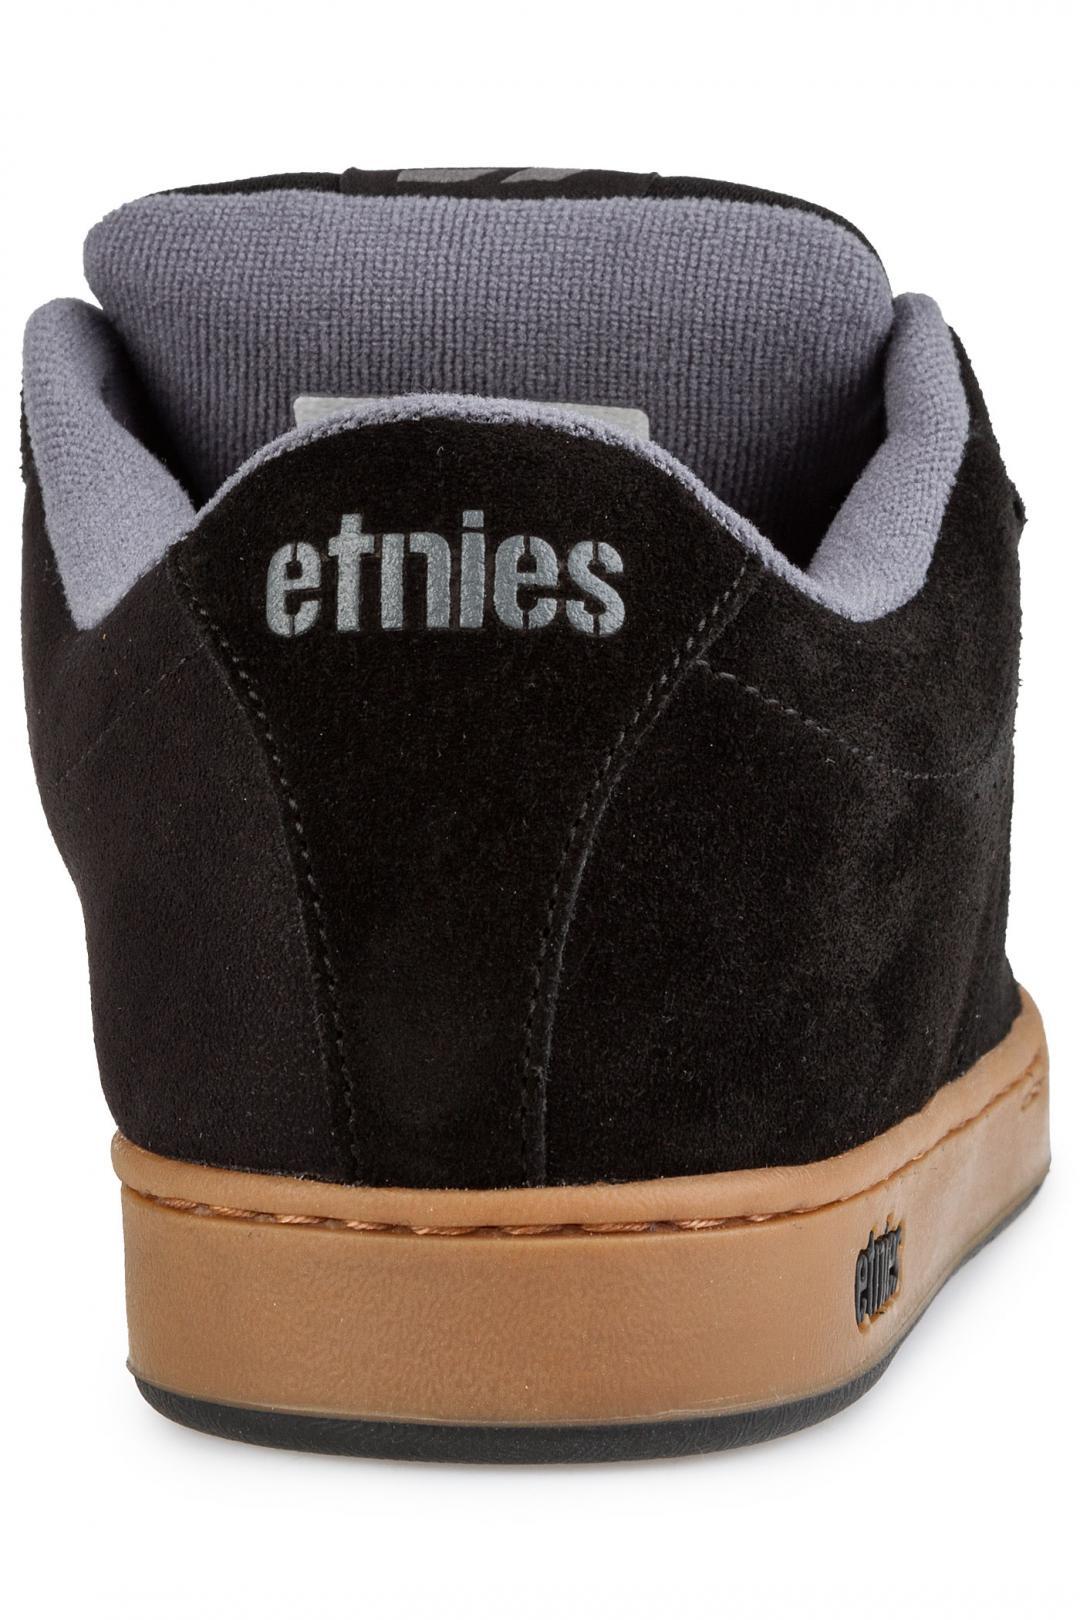 Uomo Etnies Kingpin black gum dark grey | Scarpe da skate